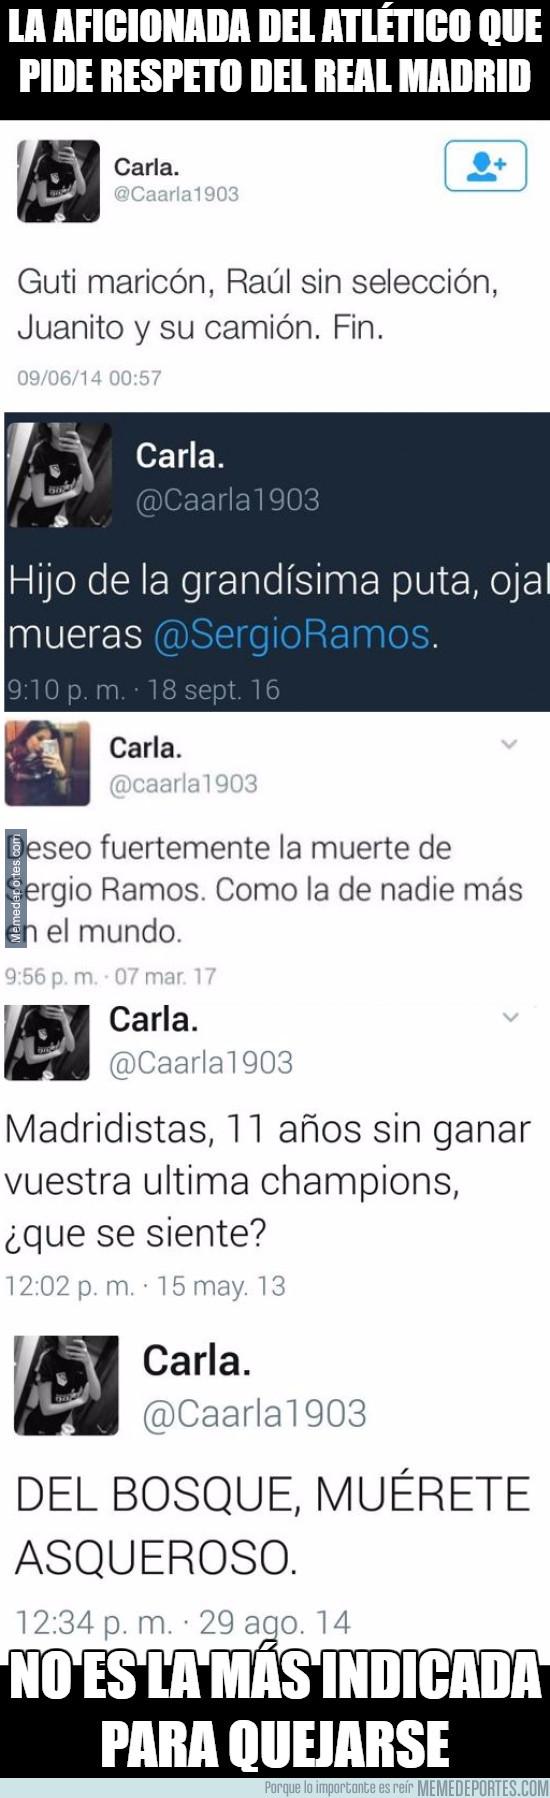 973322 - La aficionada del Atlético que pide respeto del Real Madrid no es la más indicada